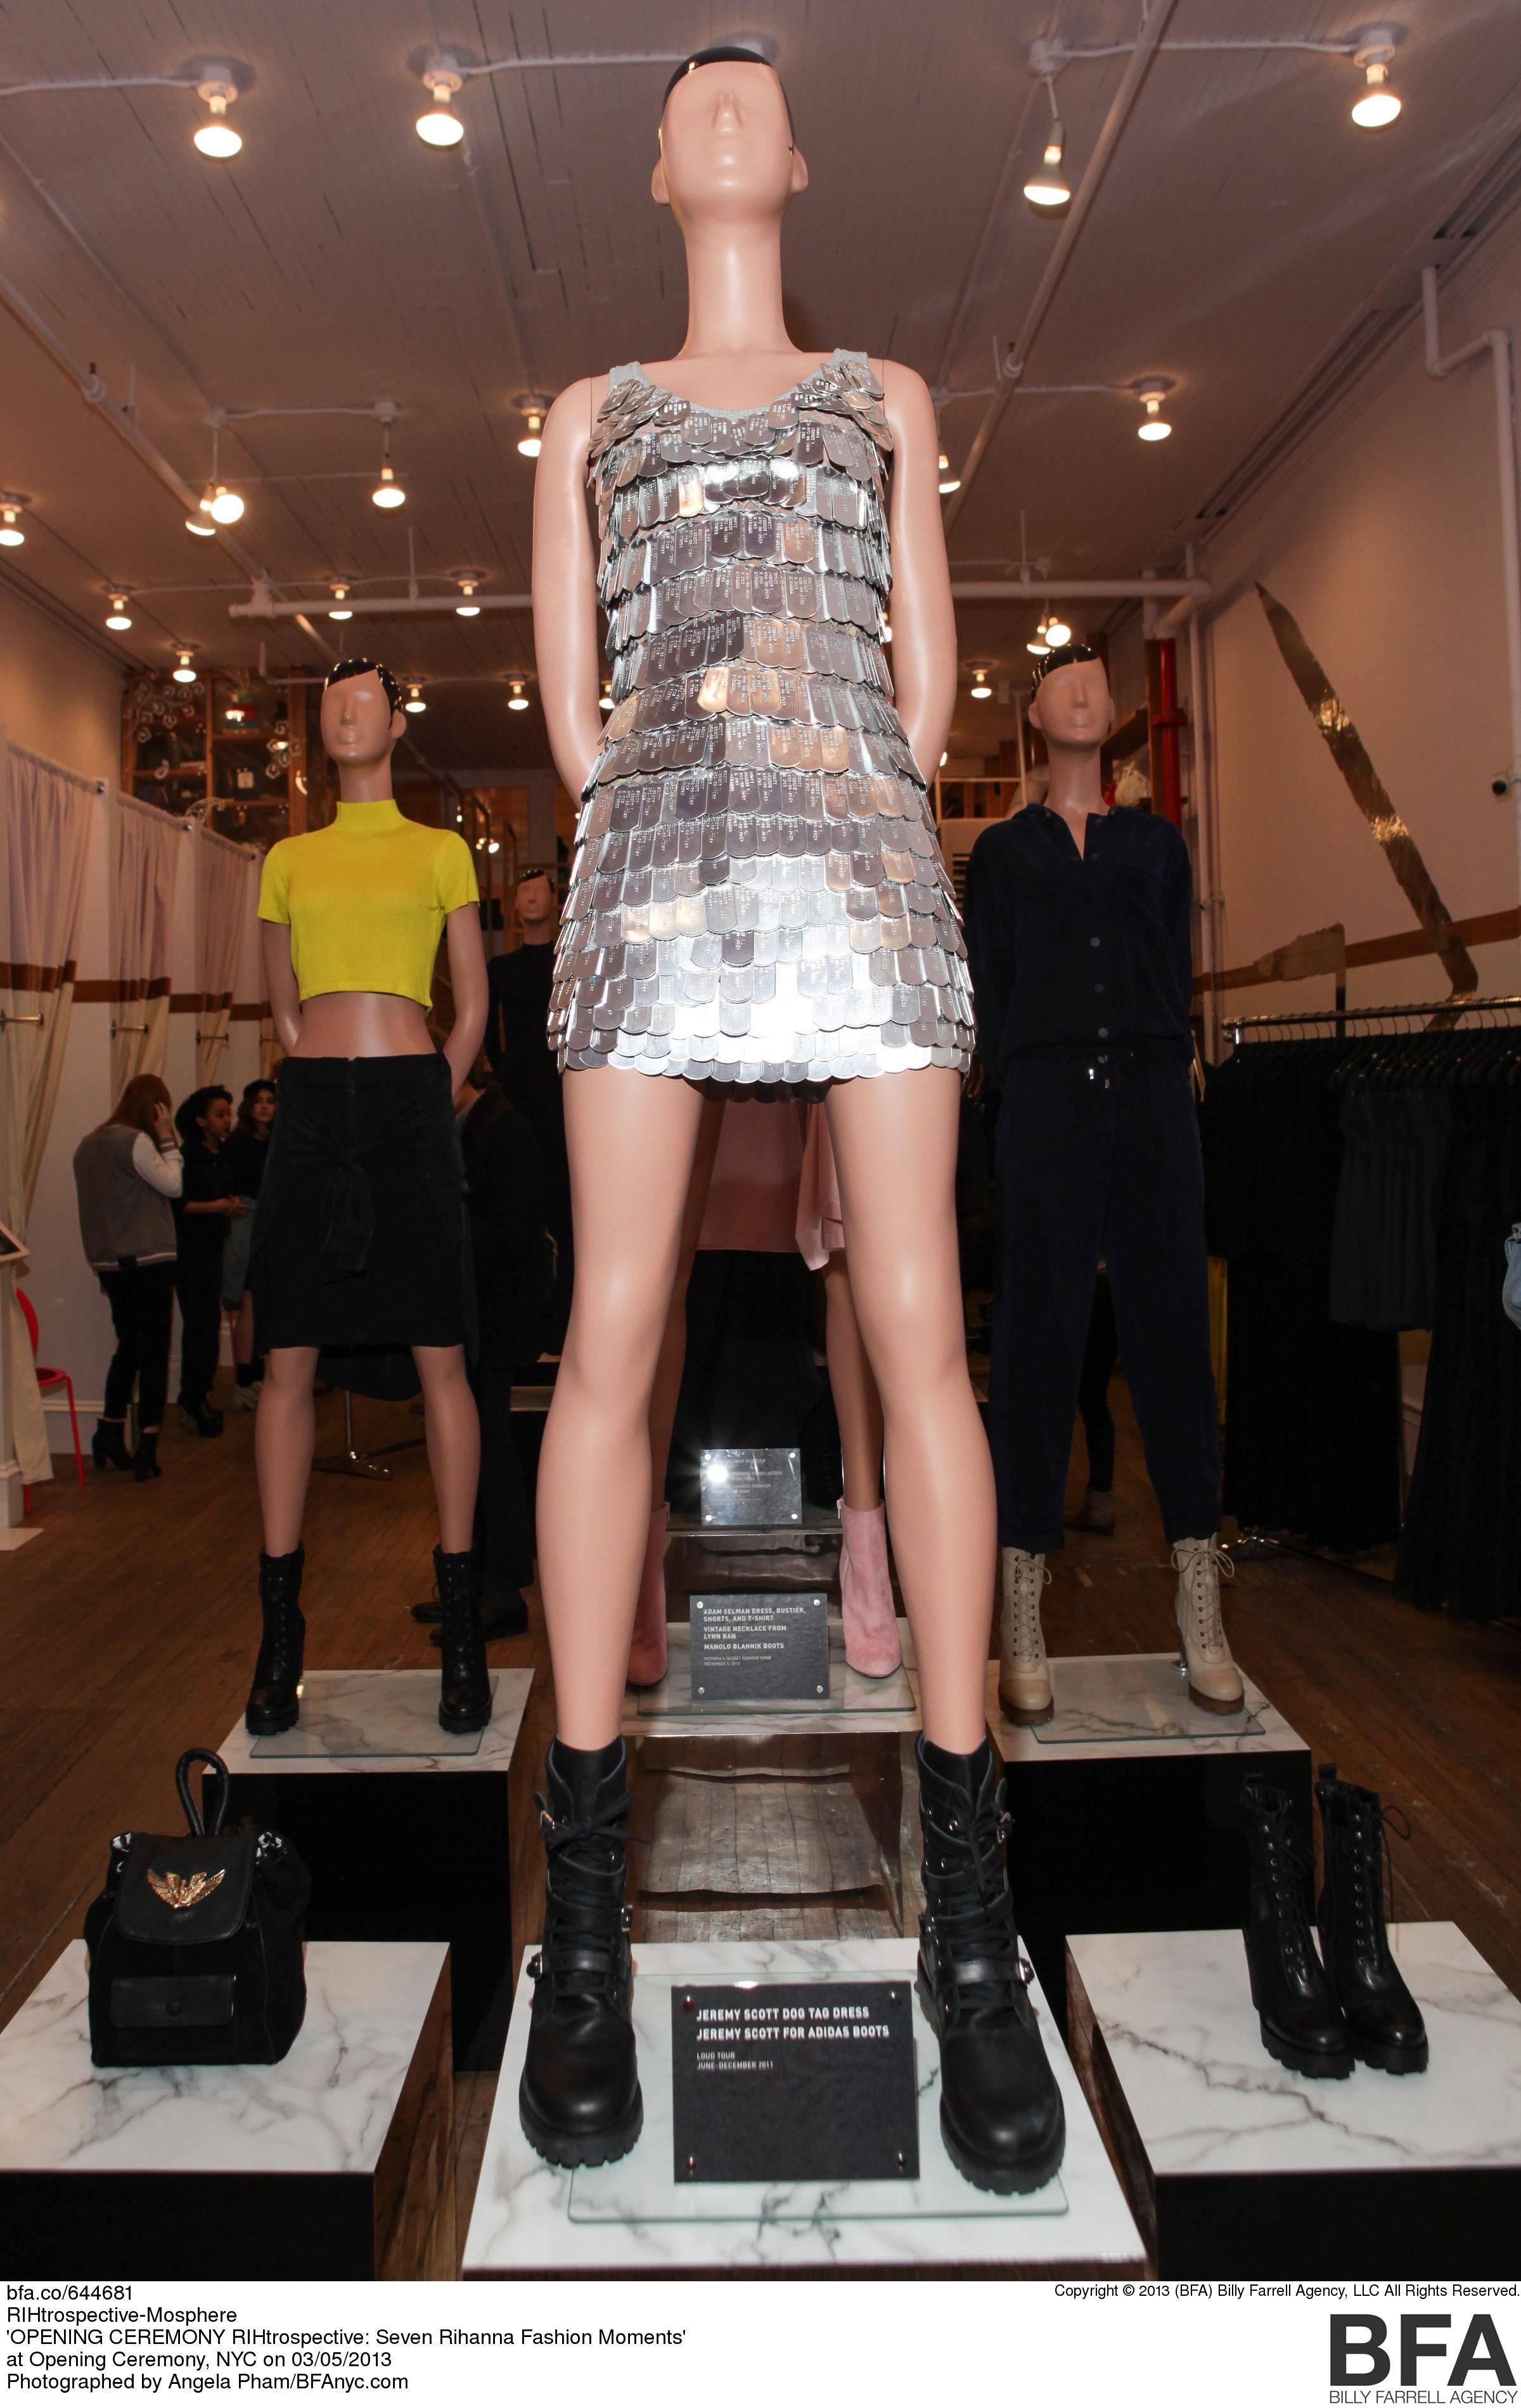 OPENING CEREMONY RIHtrospective: Seven Rihanna Fashion Moments